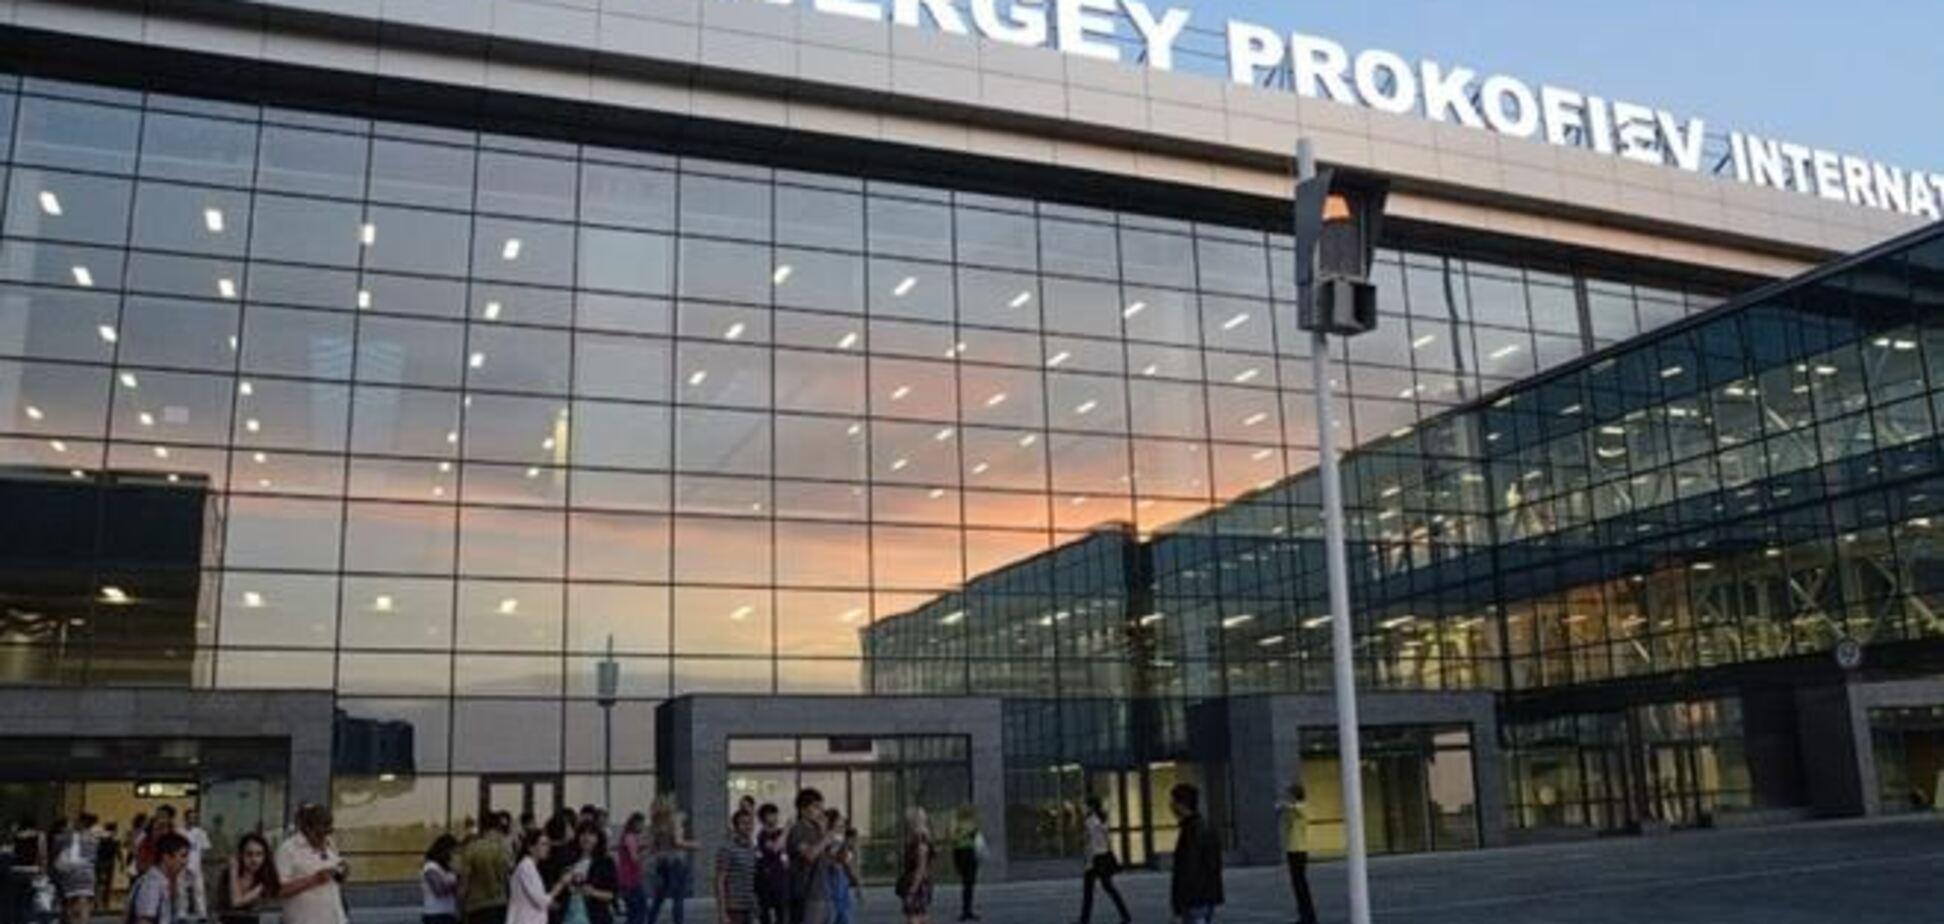 Донецкий аэропорт не захвачен и выполняет текущий план полетов - пресс-секретарь